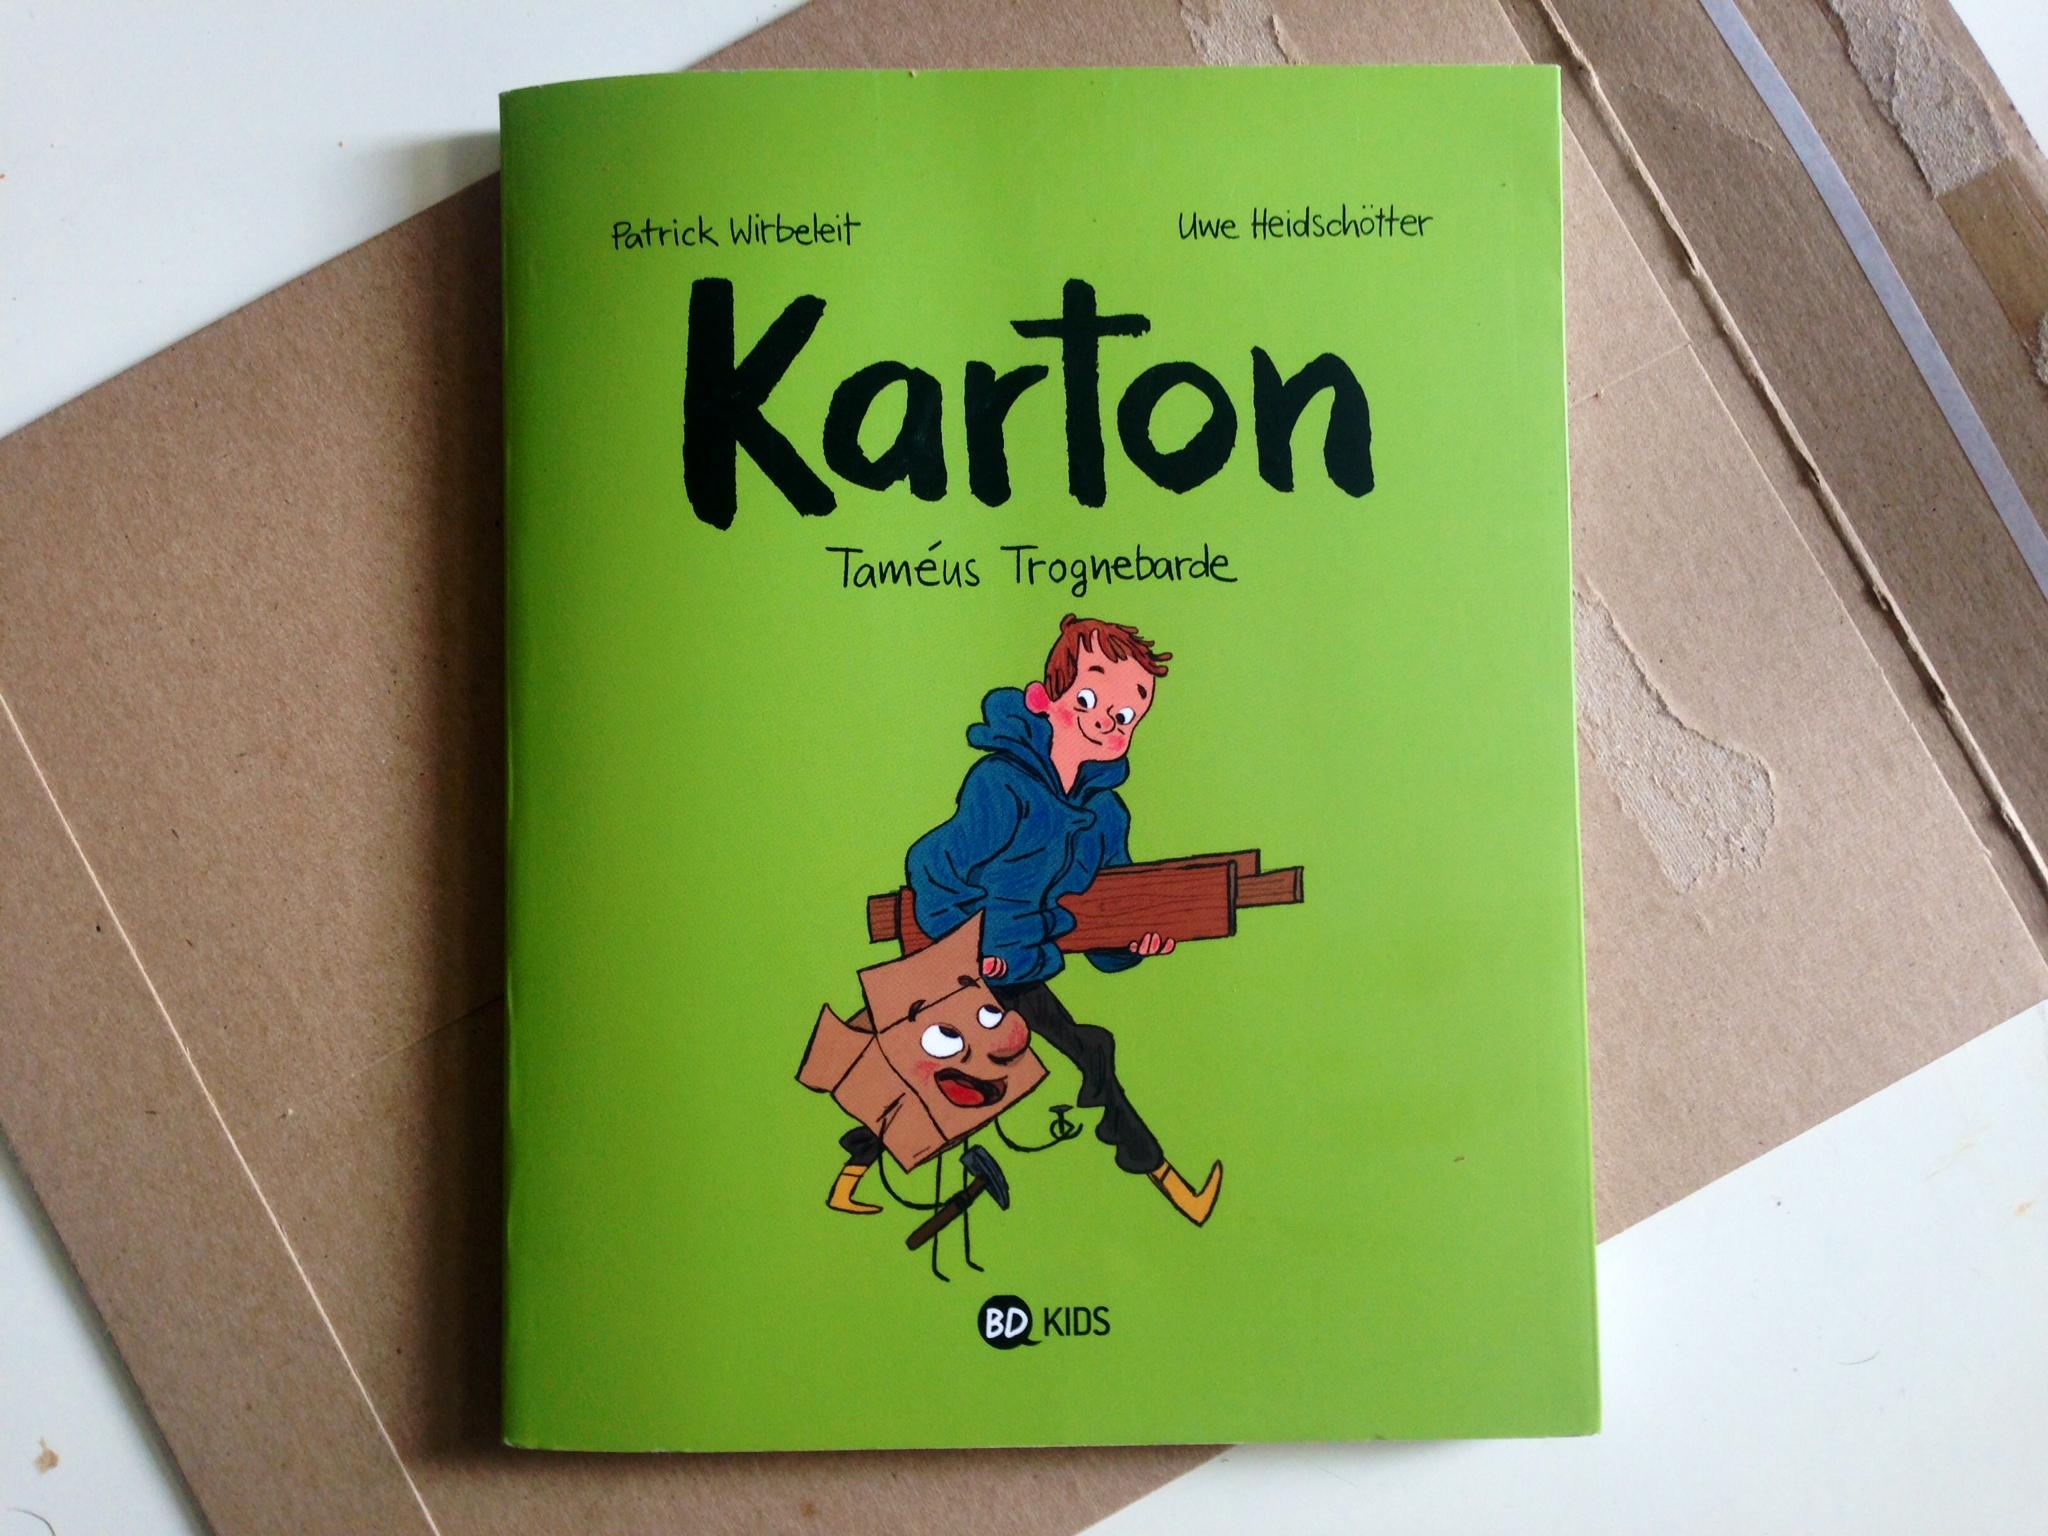 KARTON – une BD pour enfants franchement wow!